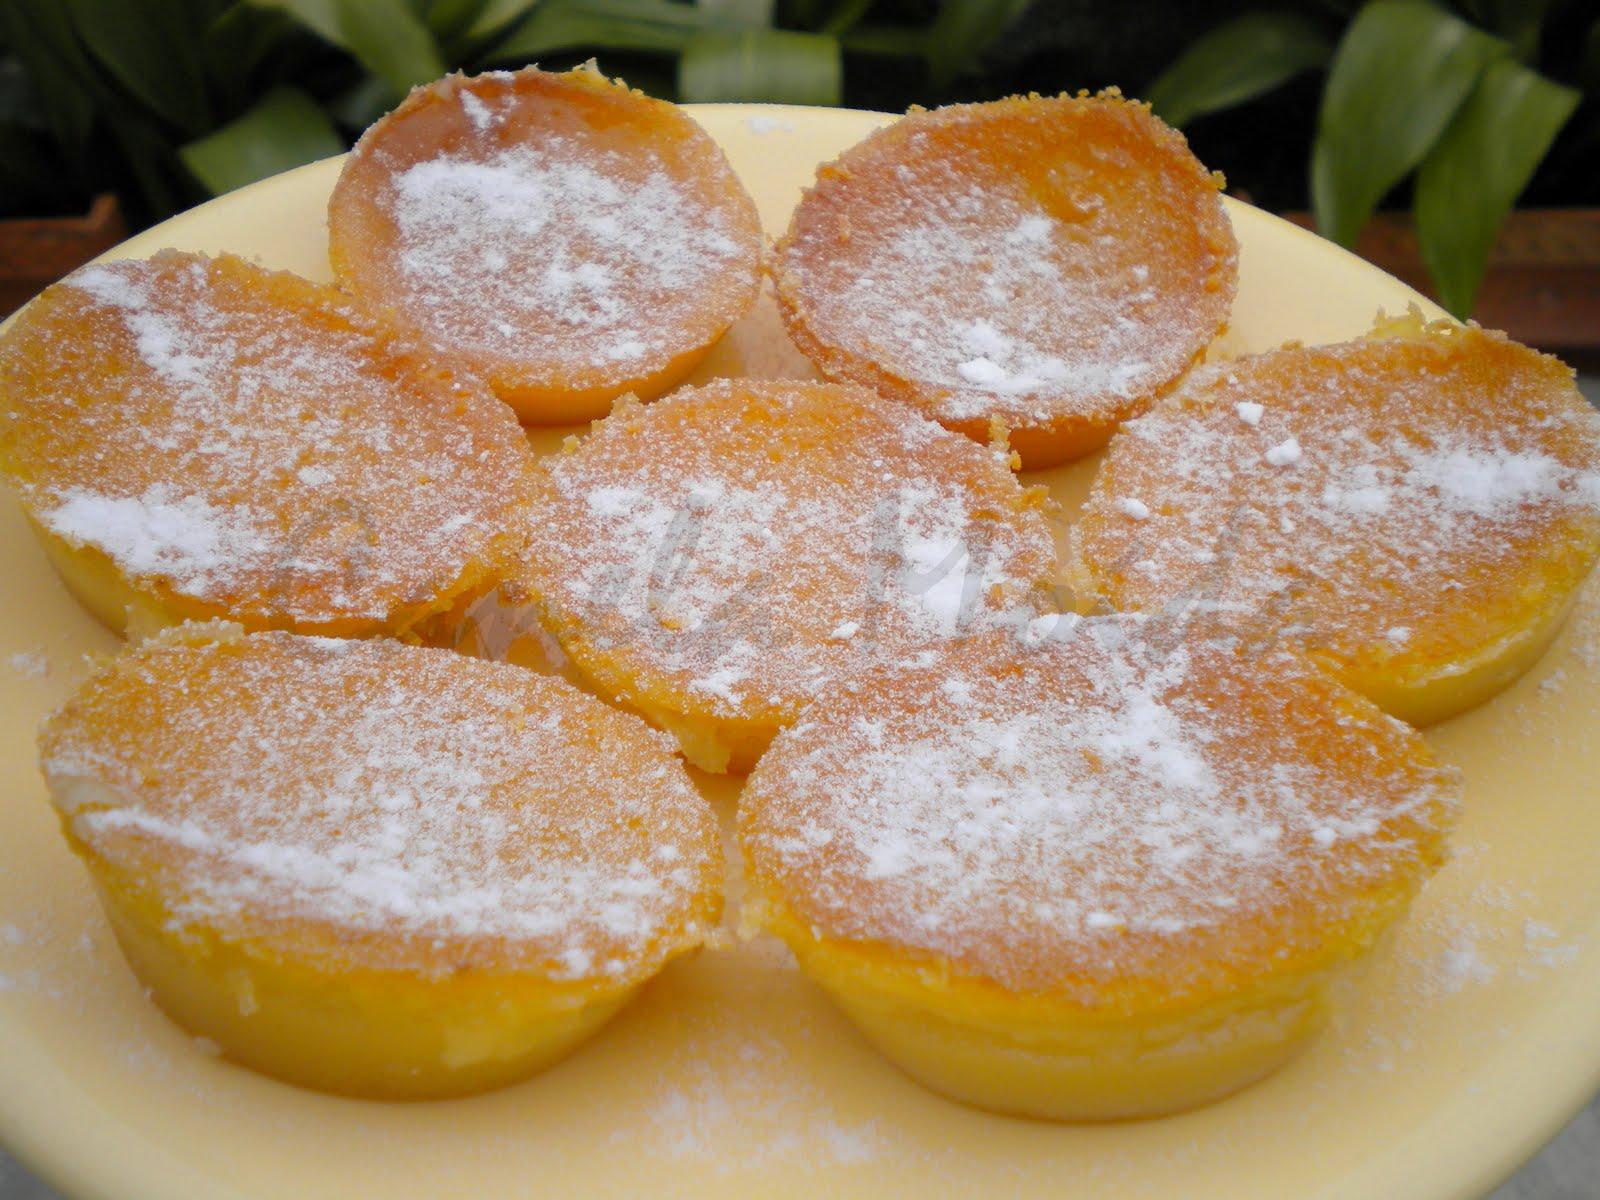 Tradiționalele queijadas de Sintra - prăjiturele cu brânză și cocos